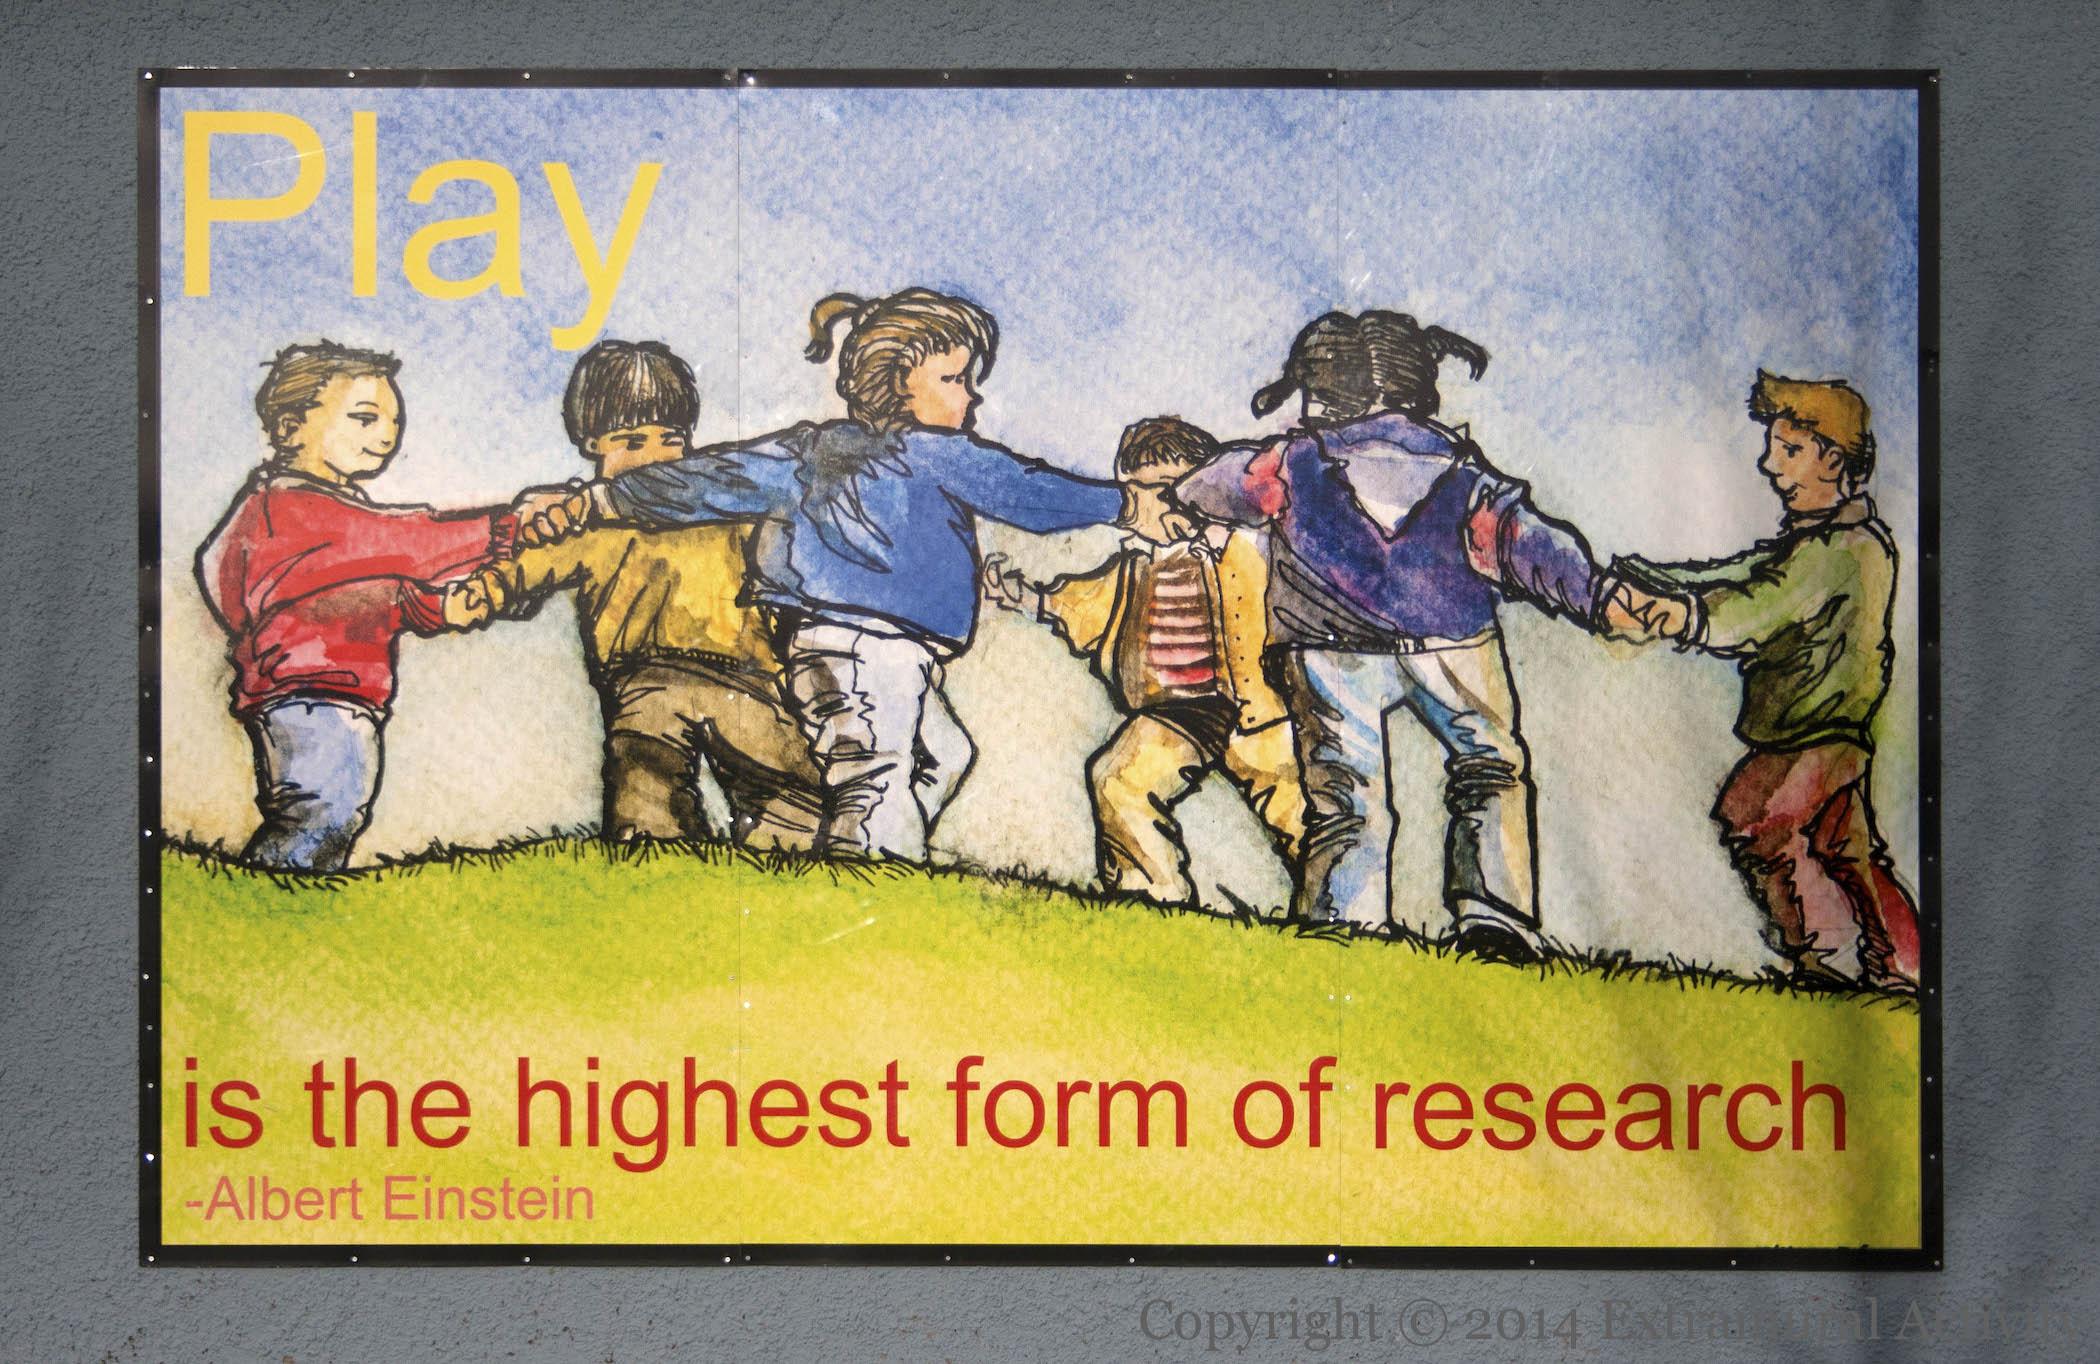 Einstein Highest Form Research Play Albert